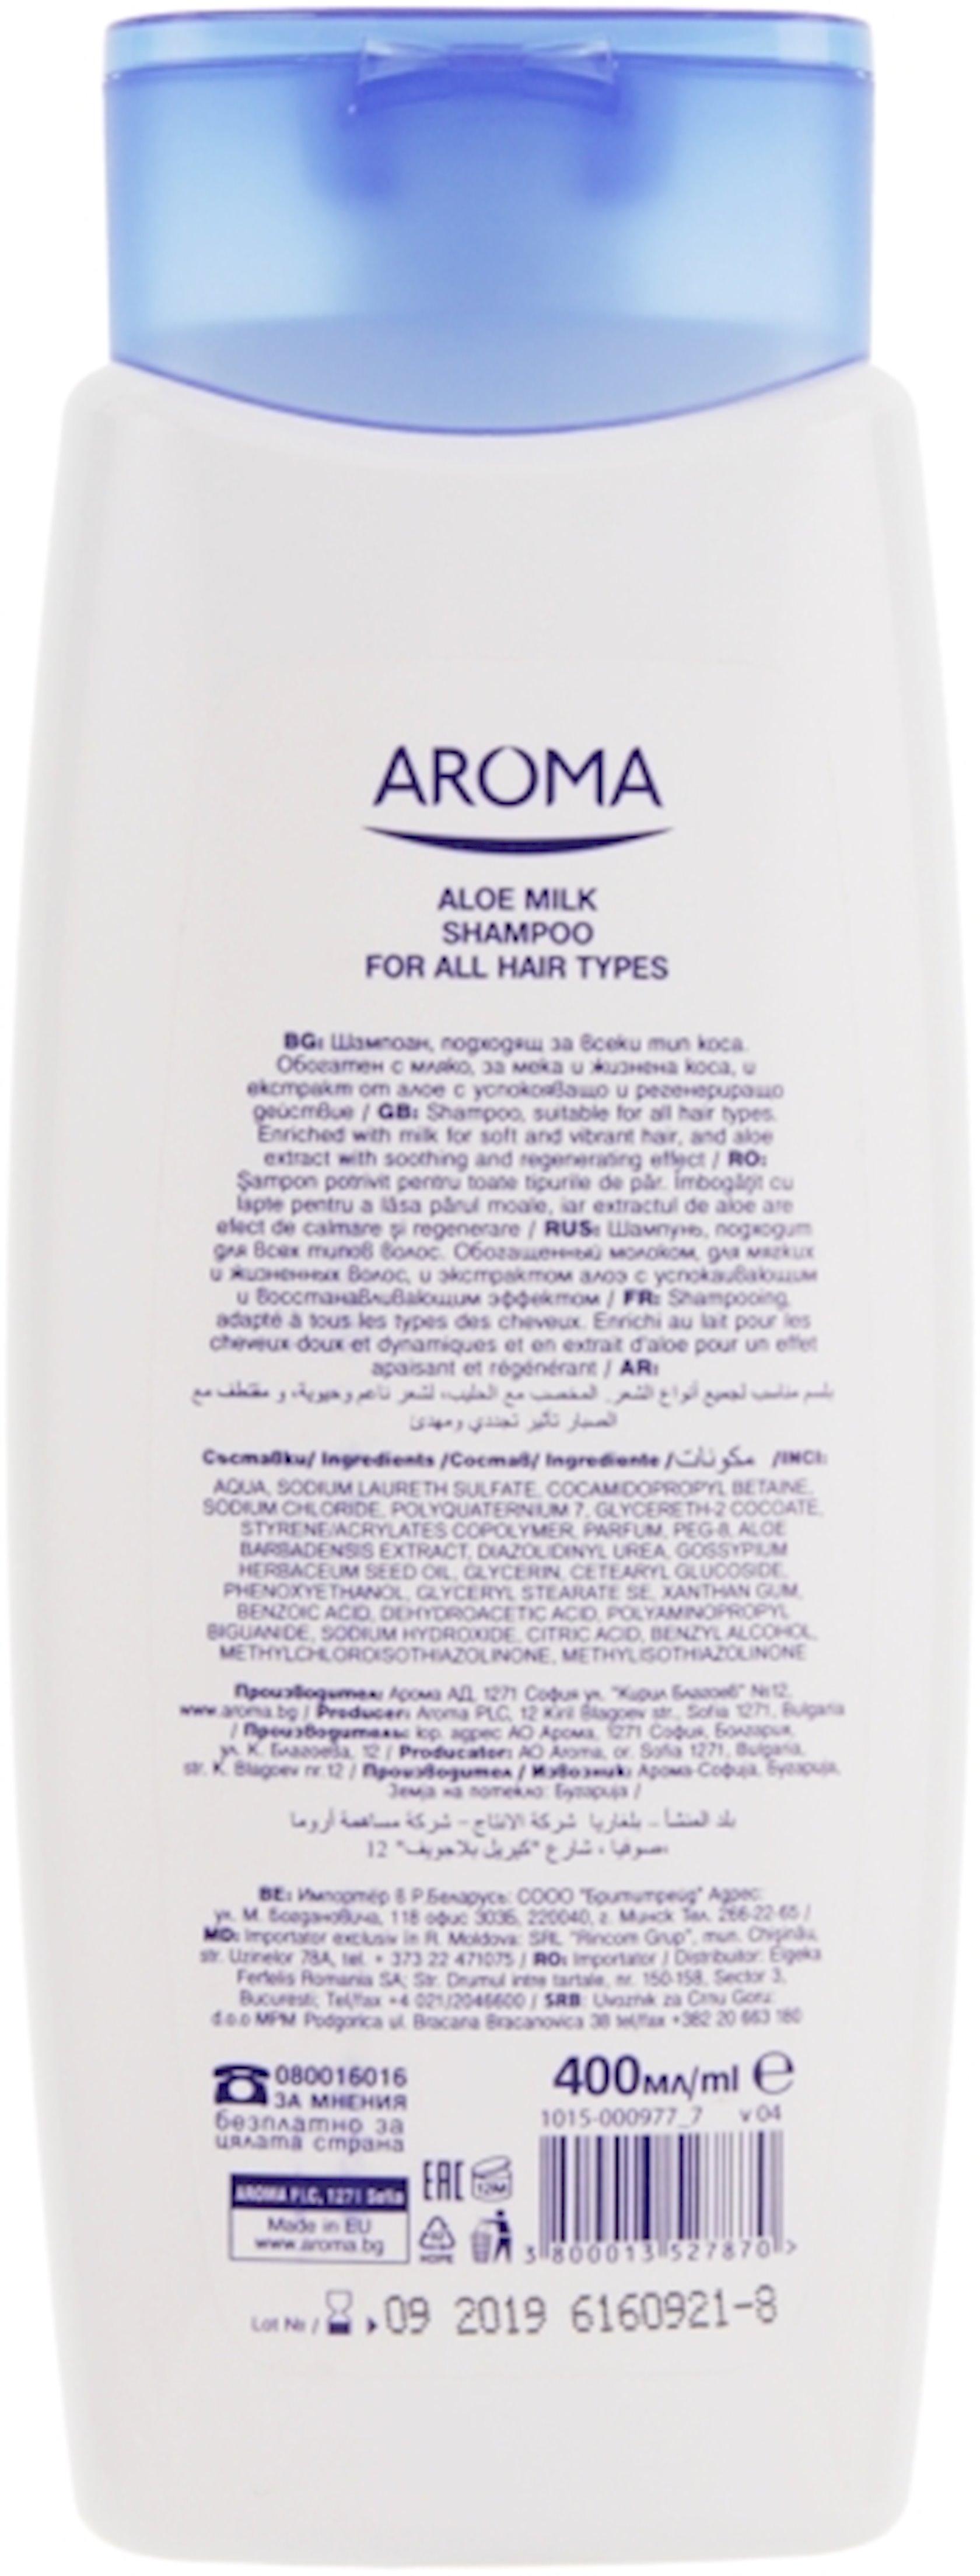 Şampun Aroma Fresh Aloe Milk bütün növ saçlar üçün 400 ml